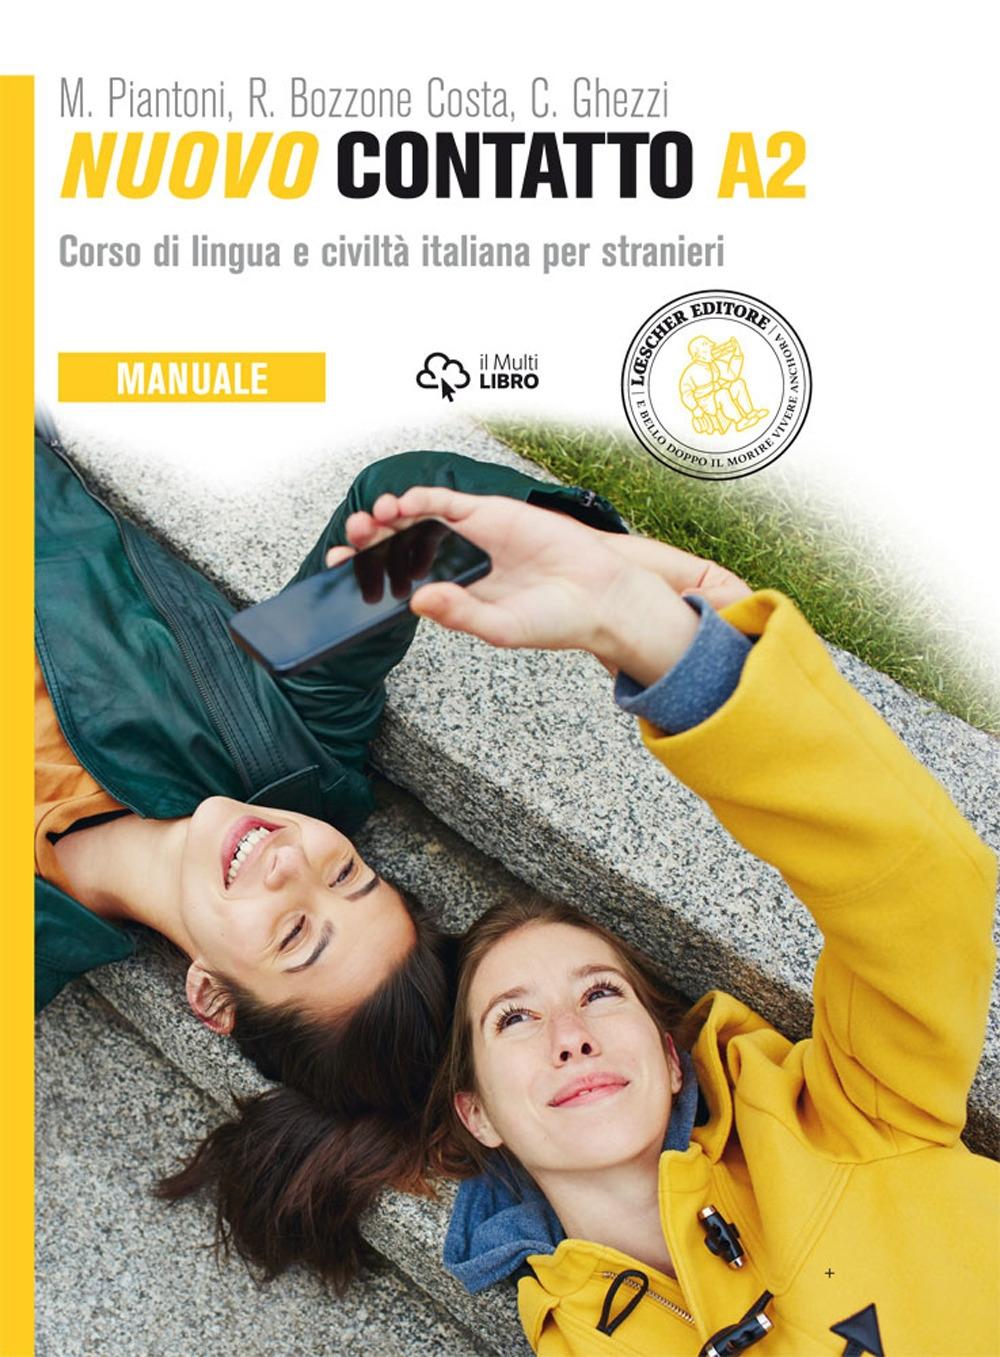 Nuovo Contatto. Corso di lingua e civiltà italiana per stranieri. Manuale A2.